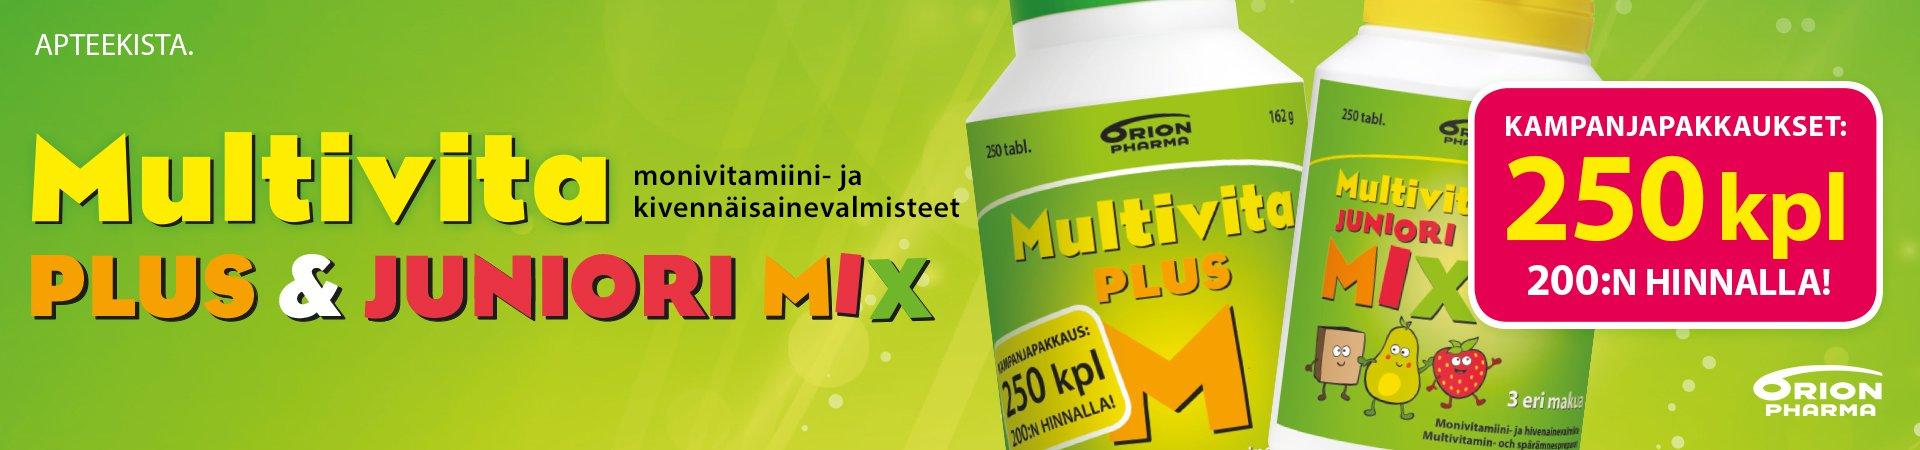 Multivita kampanja pakkaukset nyt apteekissa